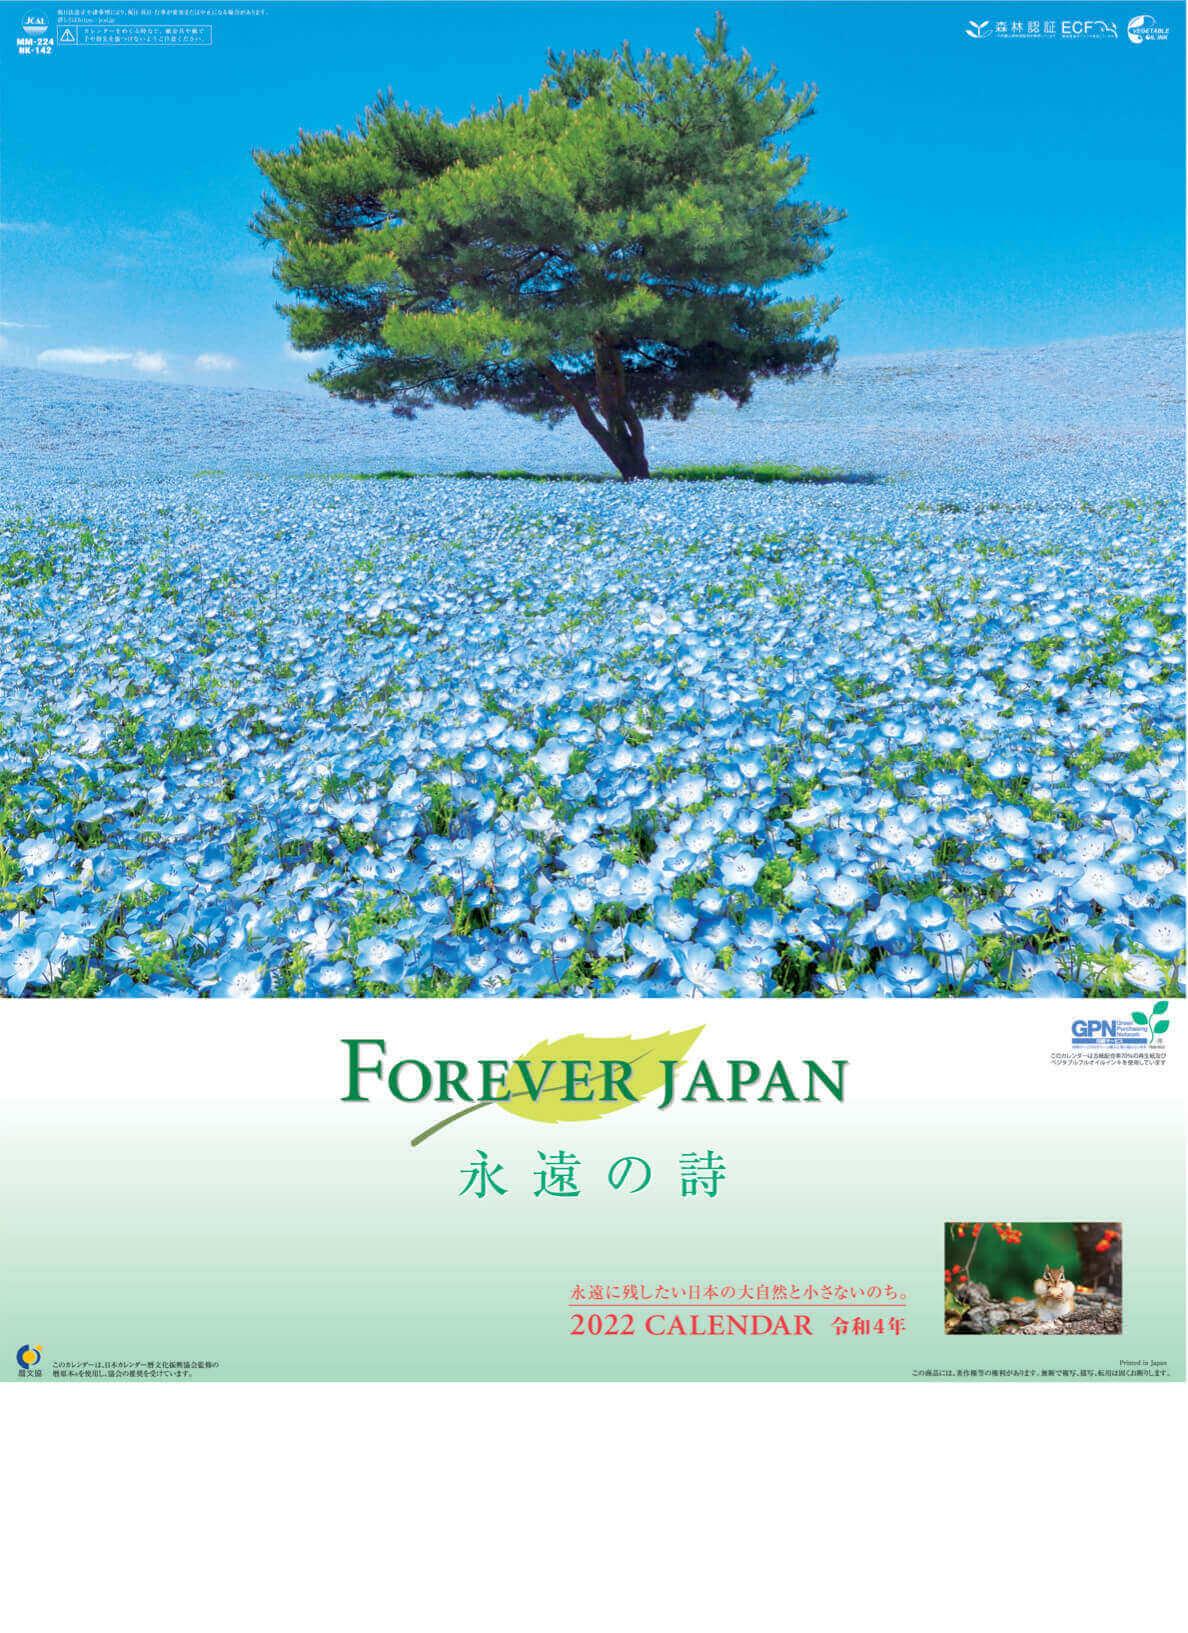 フォーエバージャパン 2022年カレンダーの画像